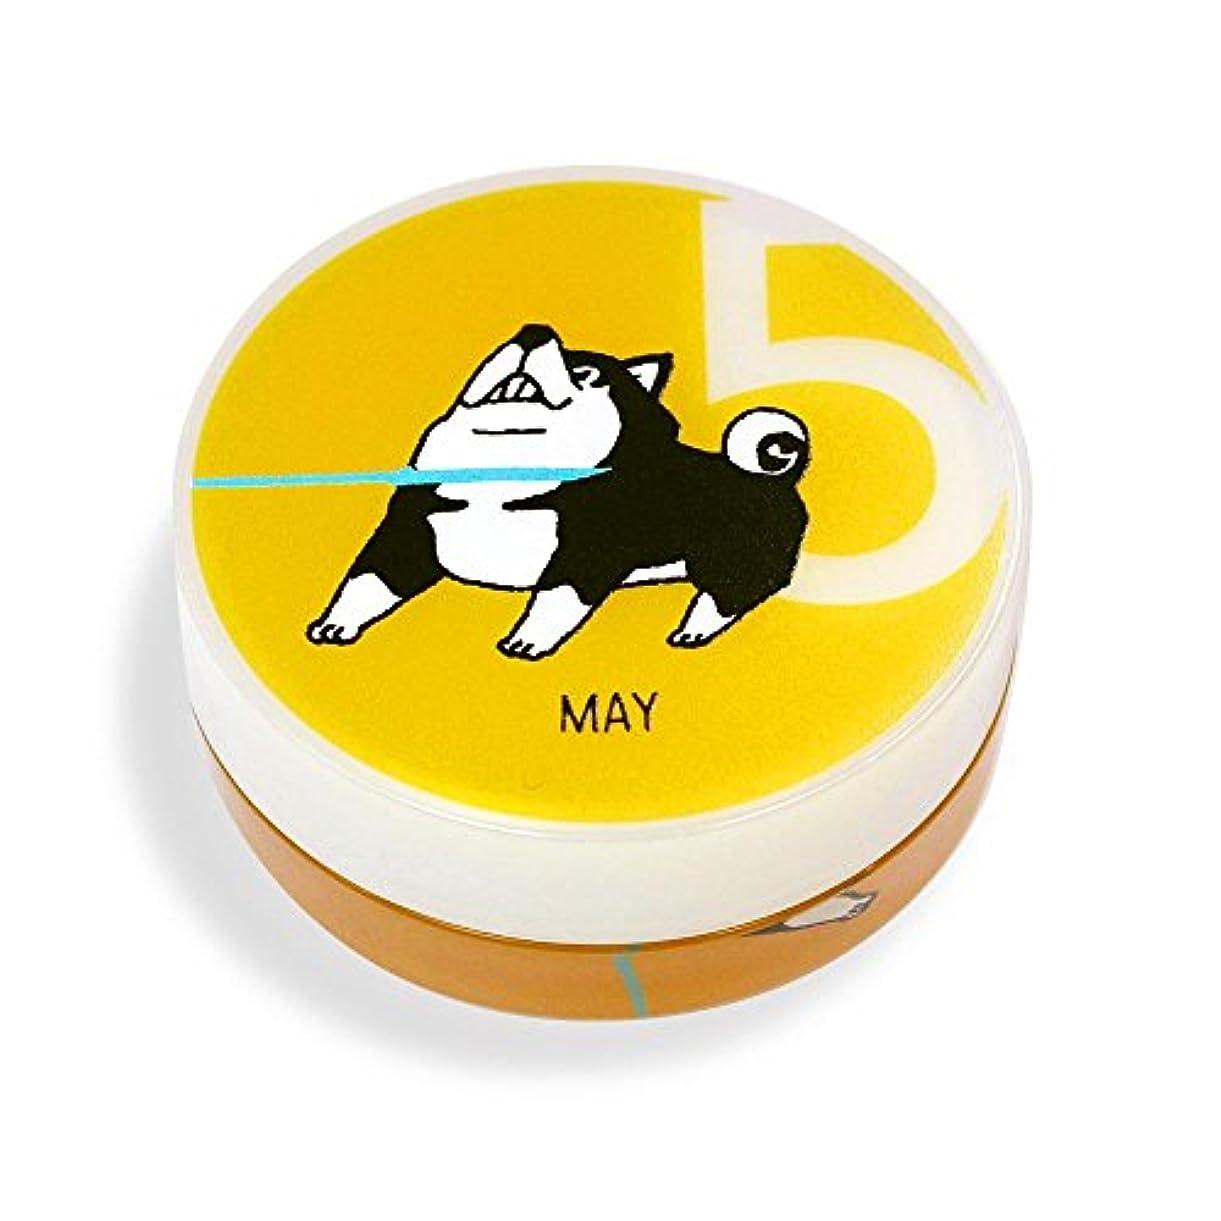 承知しましたシロクマ契約したしばんばん フルプルクリーム 誕生月シリーズ 5月 20g